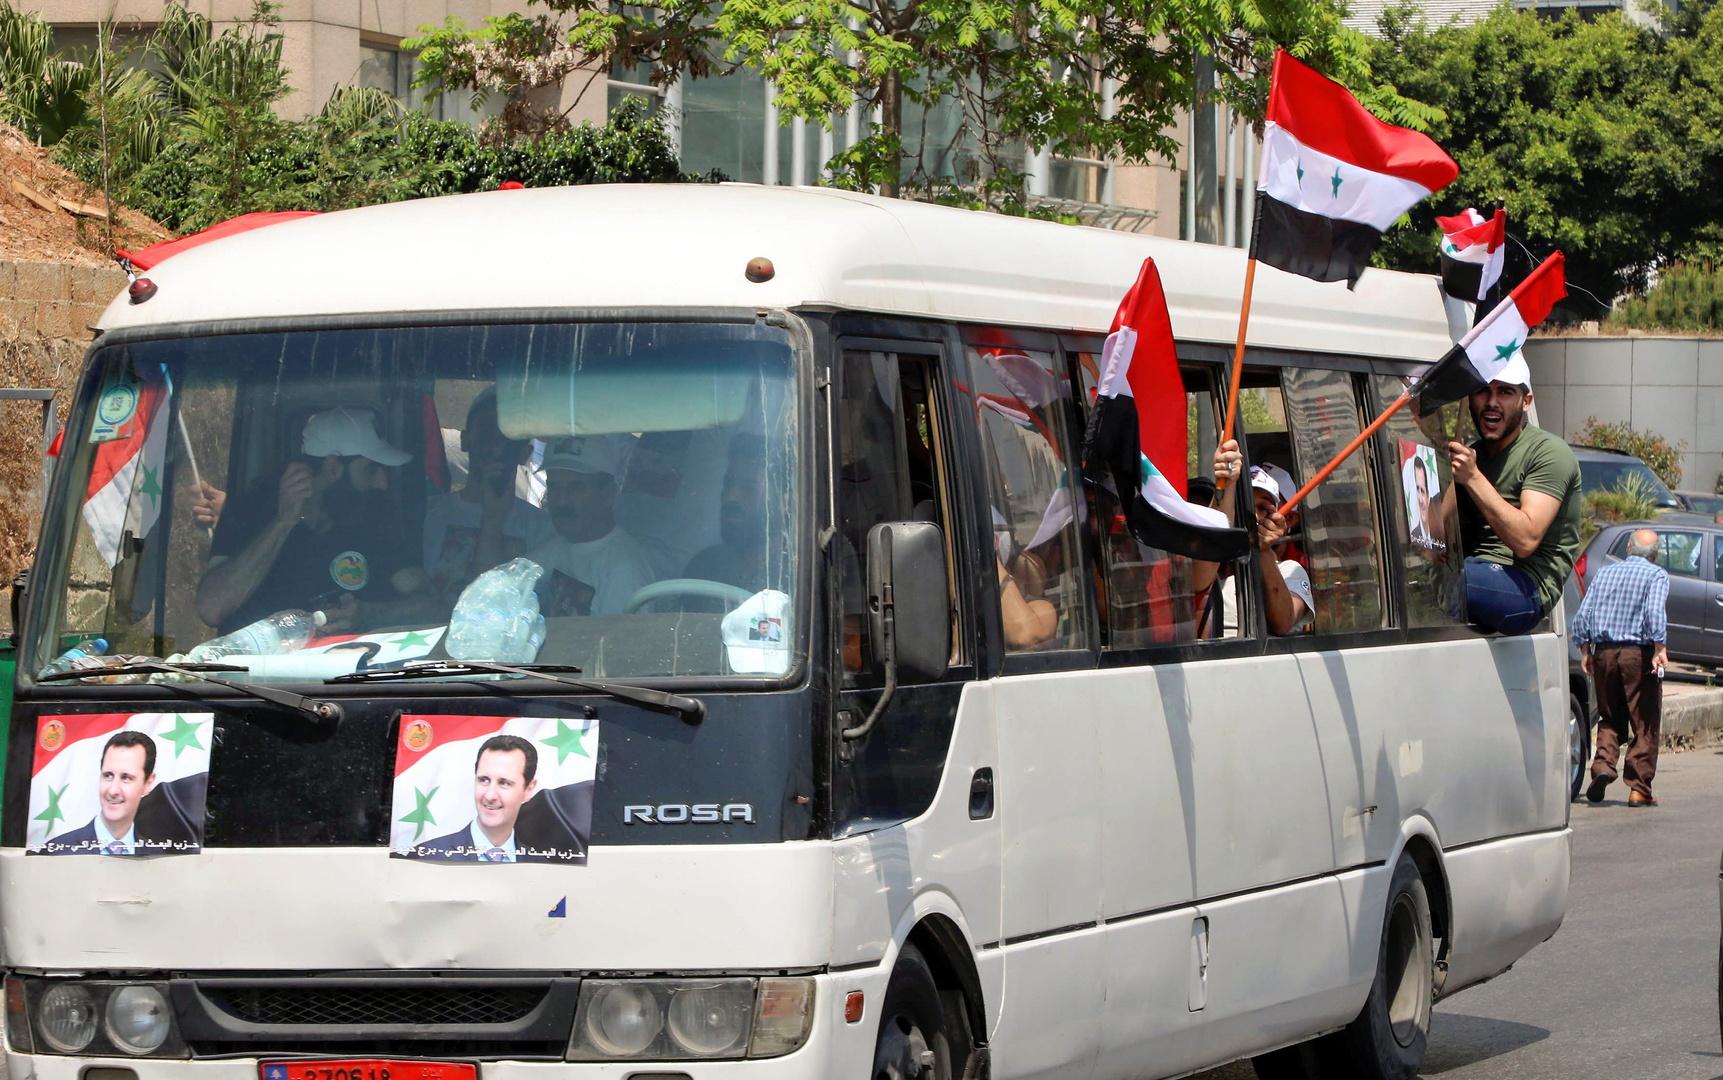 السفارة السورية ببيروت تدفع تعويضات لمتضرري اعتداءات الانتخابات الرئاسية